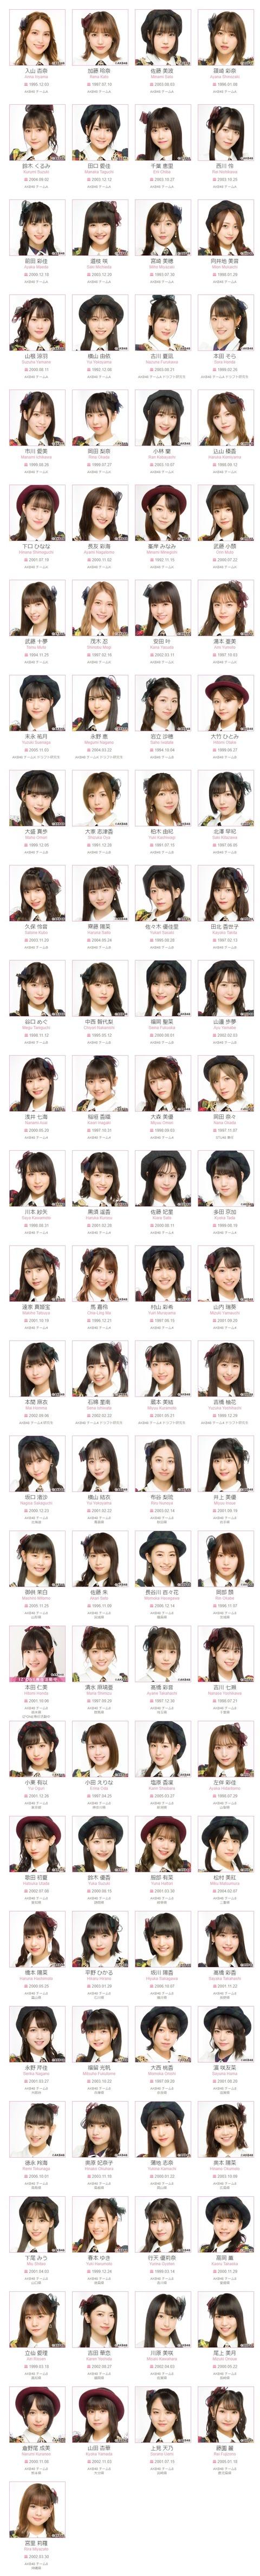 【AKB48】メンバーのプロフィール写真が更新される